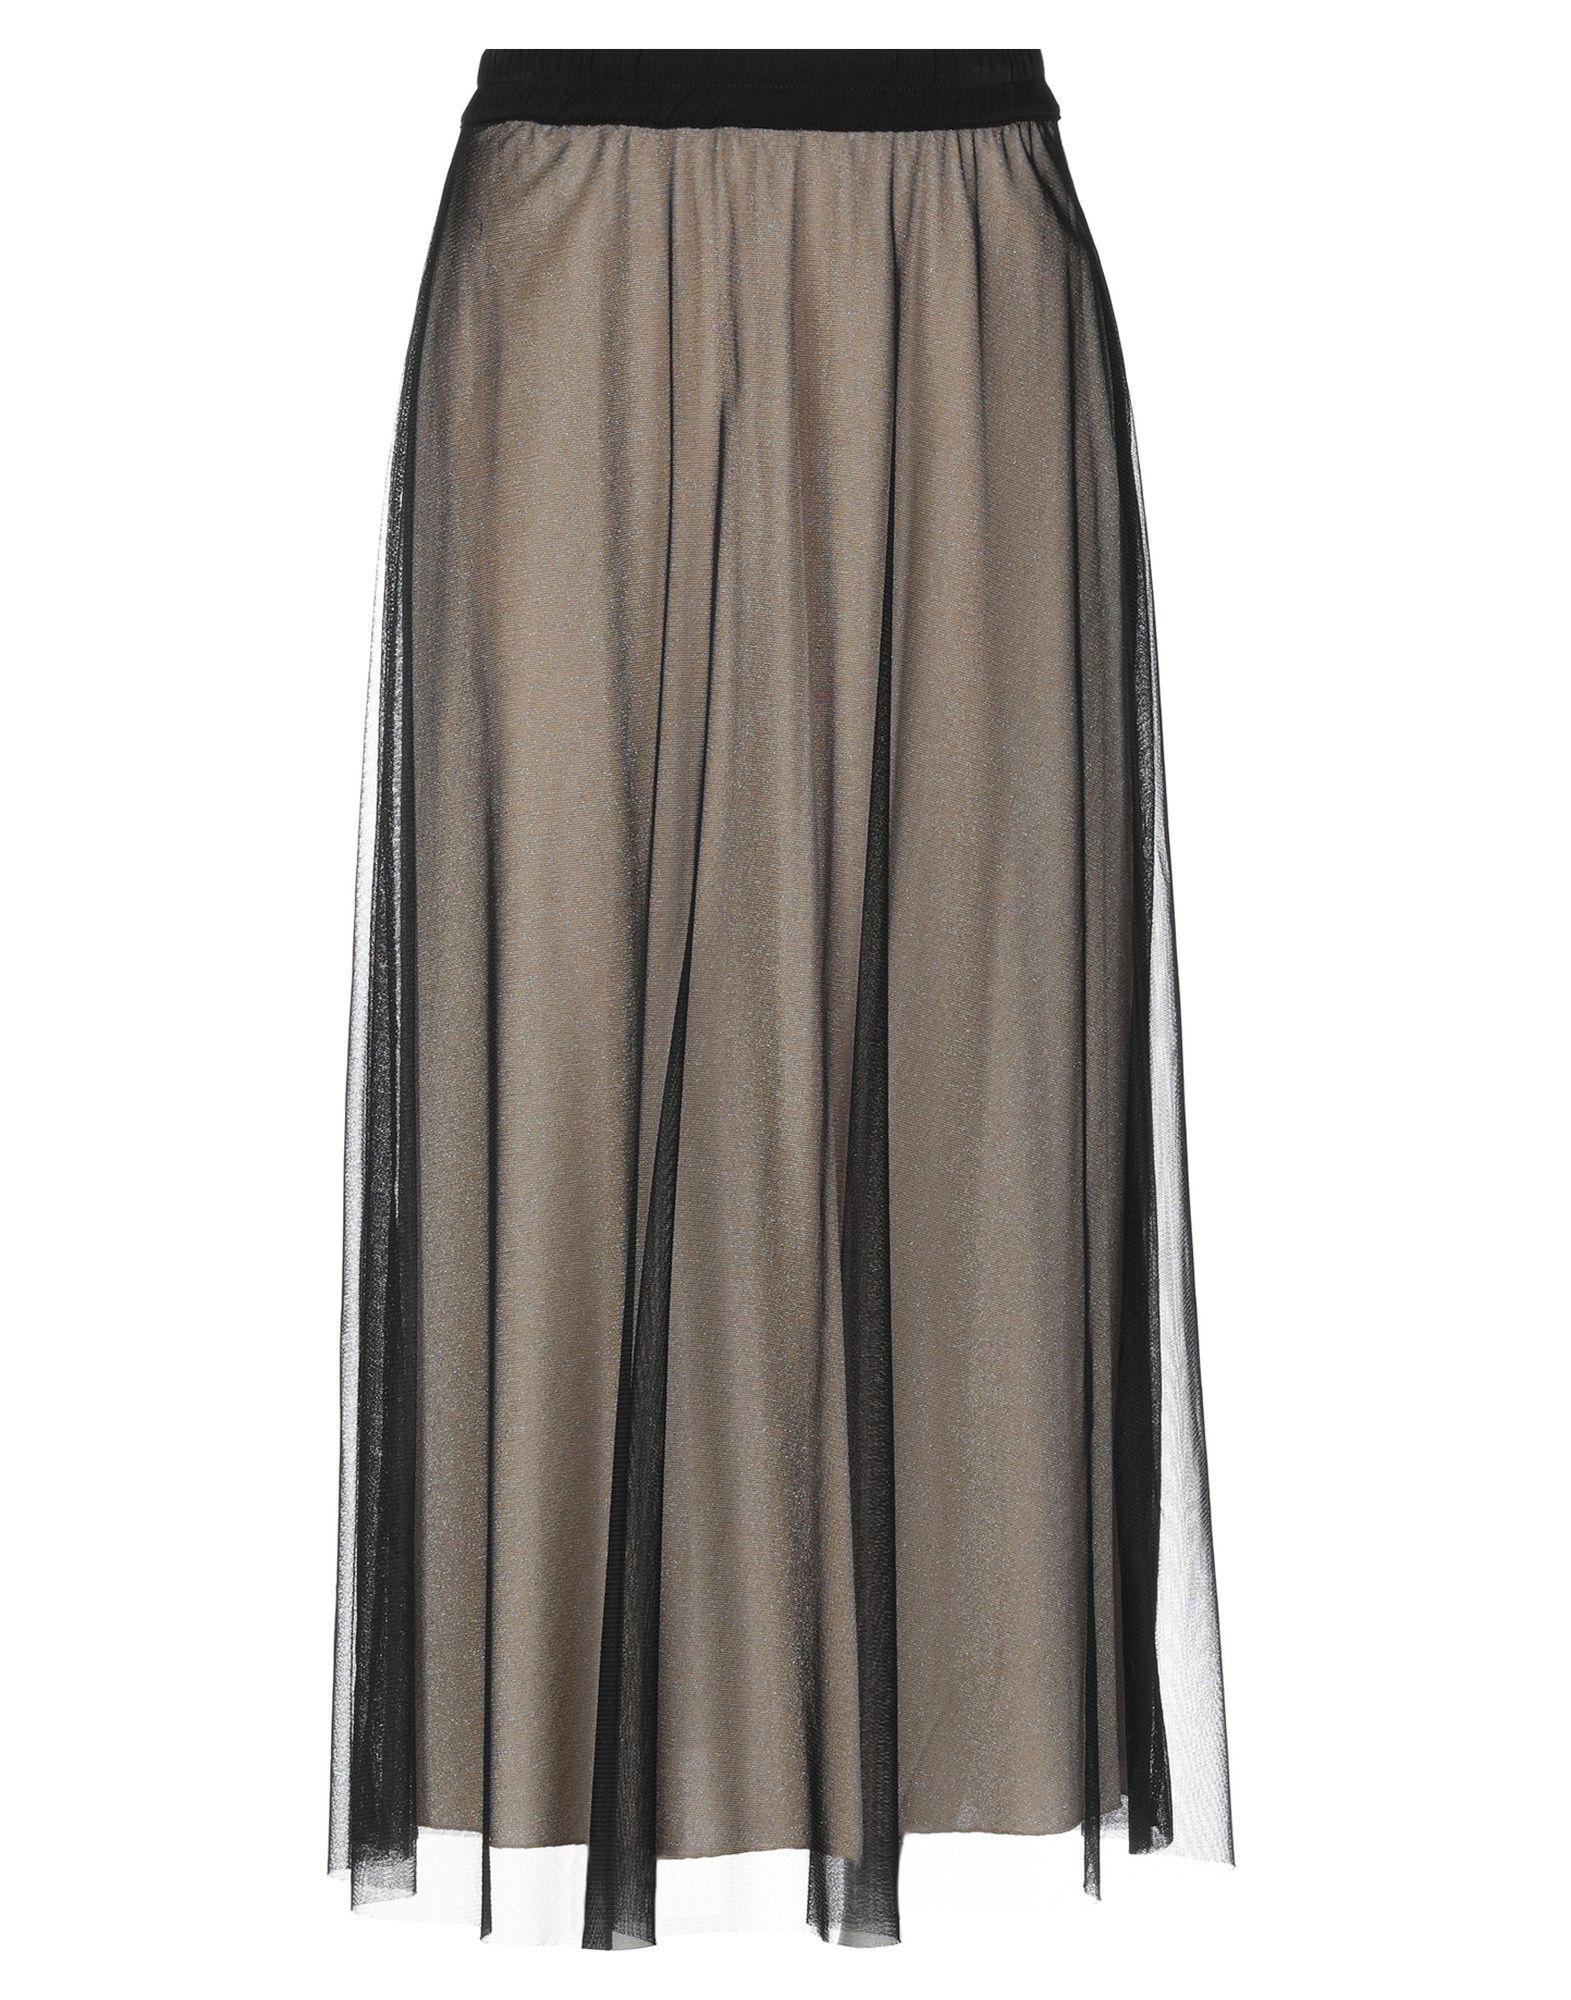 《送料無料》MOU ITALY レディース 7分丈スカート ブラック M ナイロン 100%